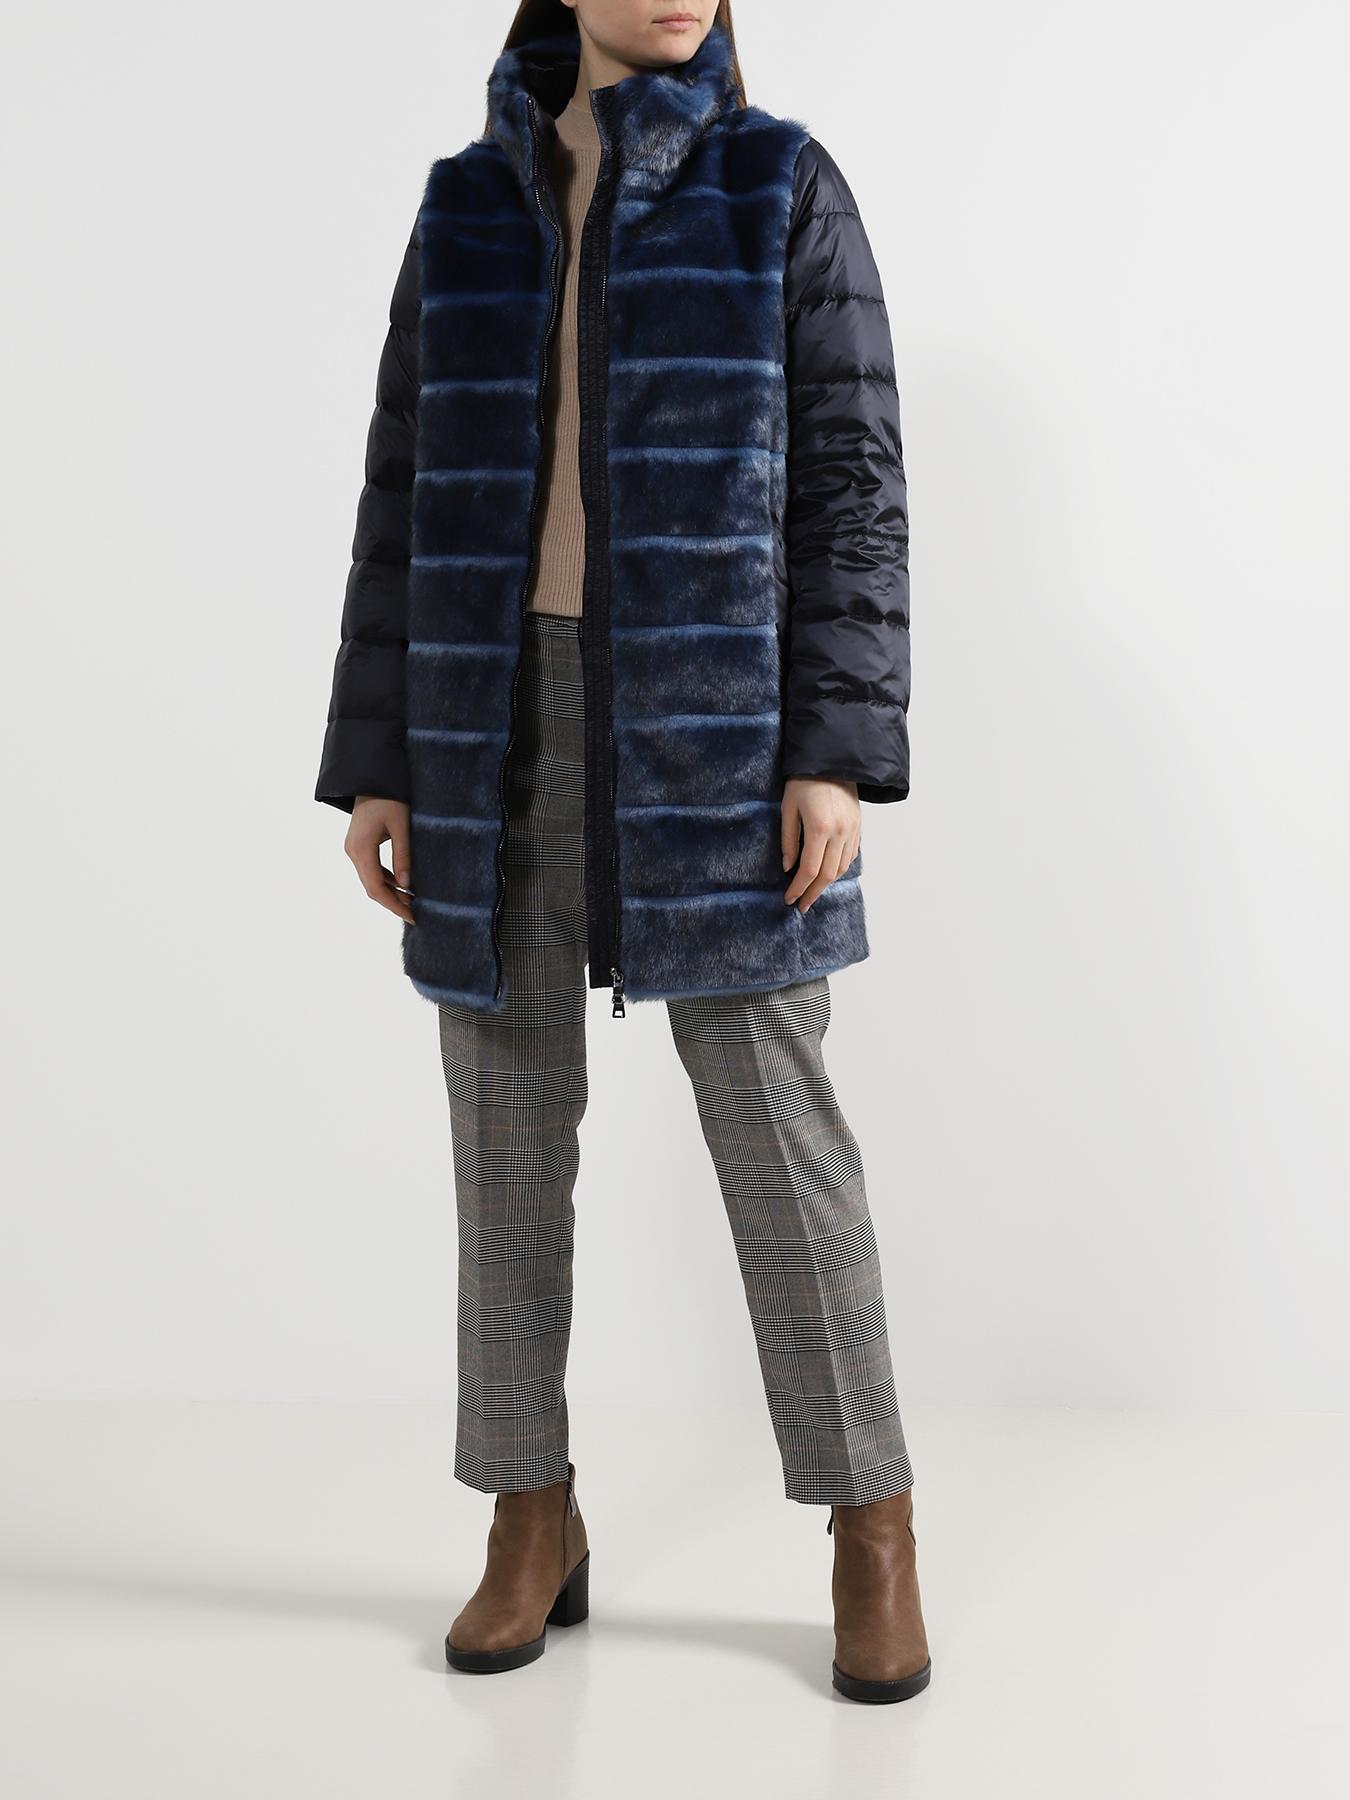 Полупальто ORSA Couture Пуховик с мехом